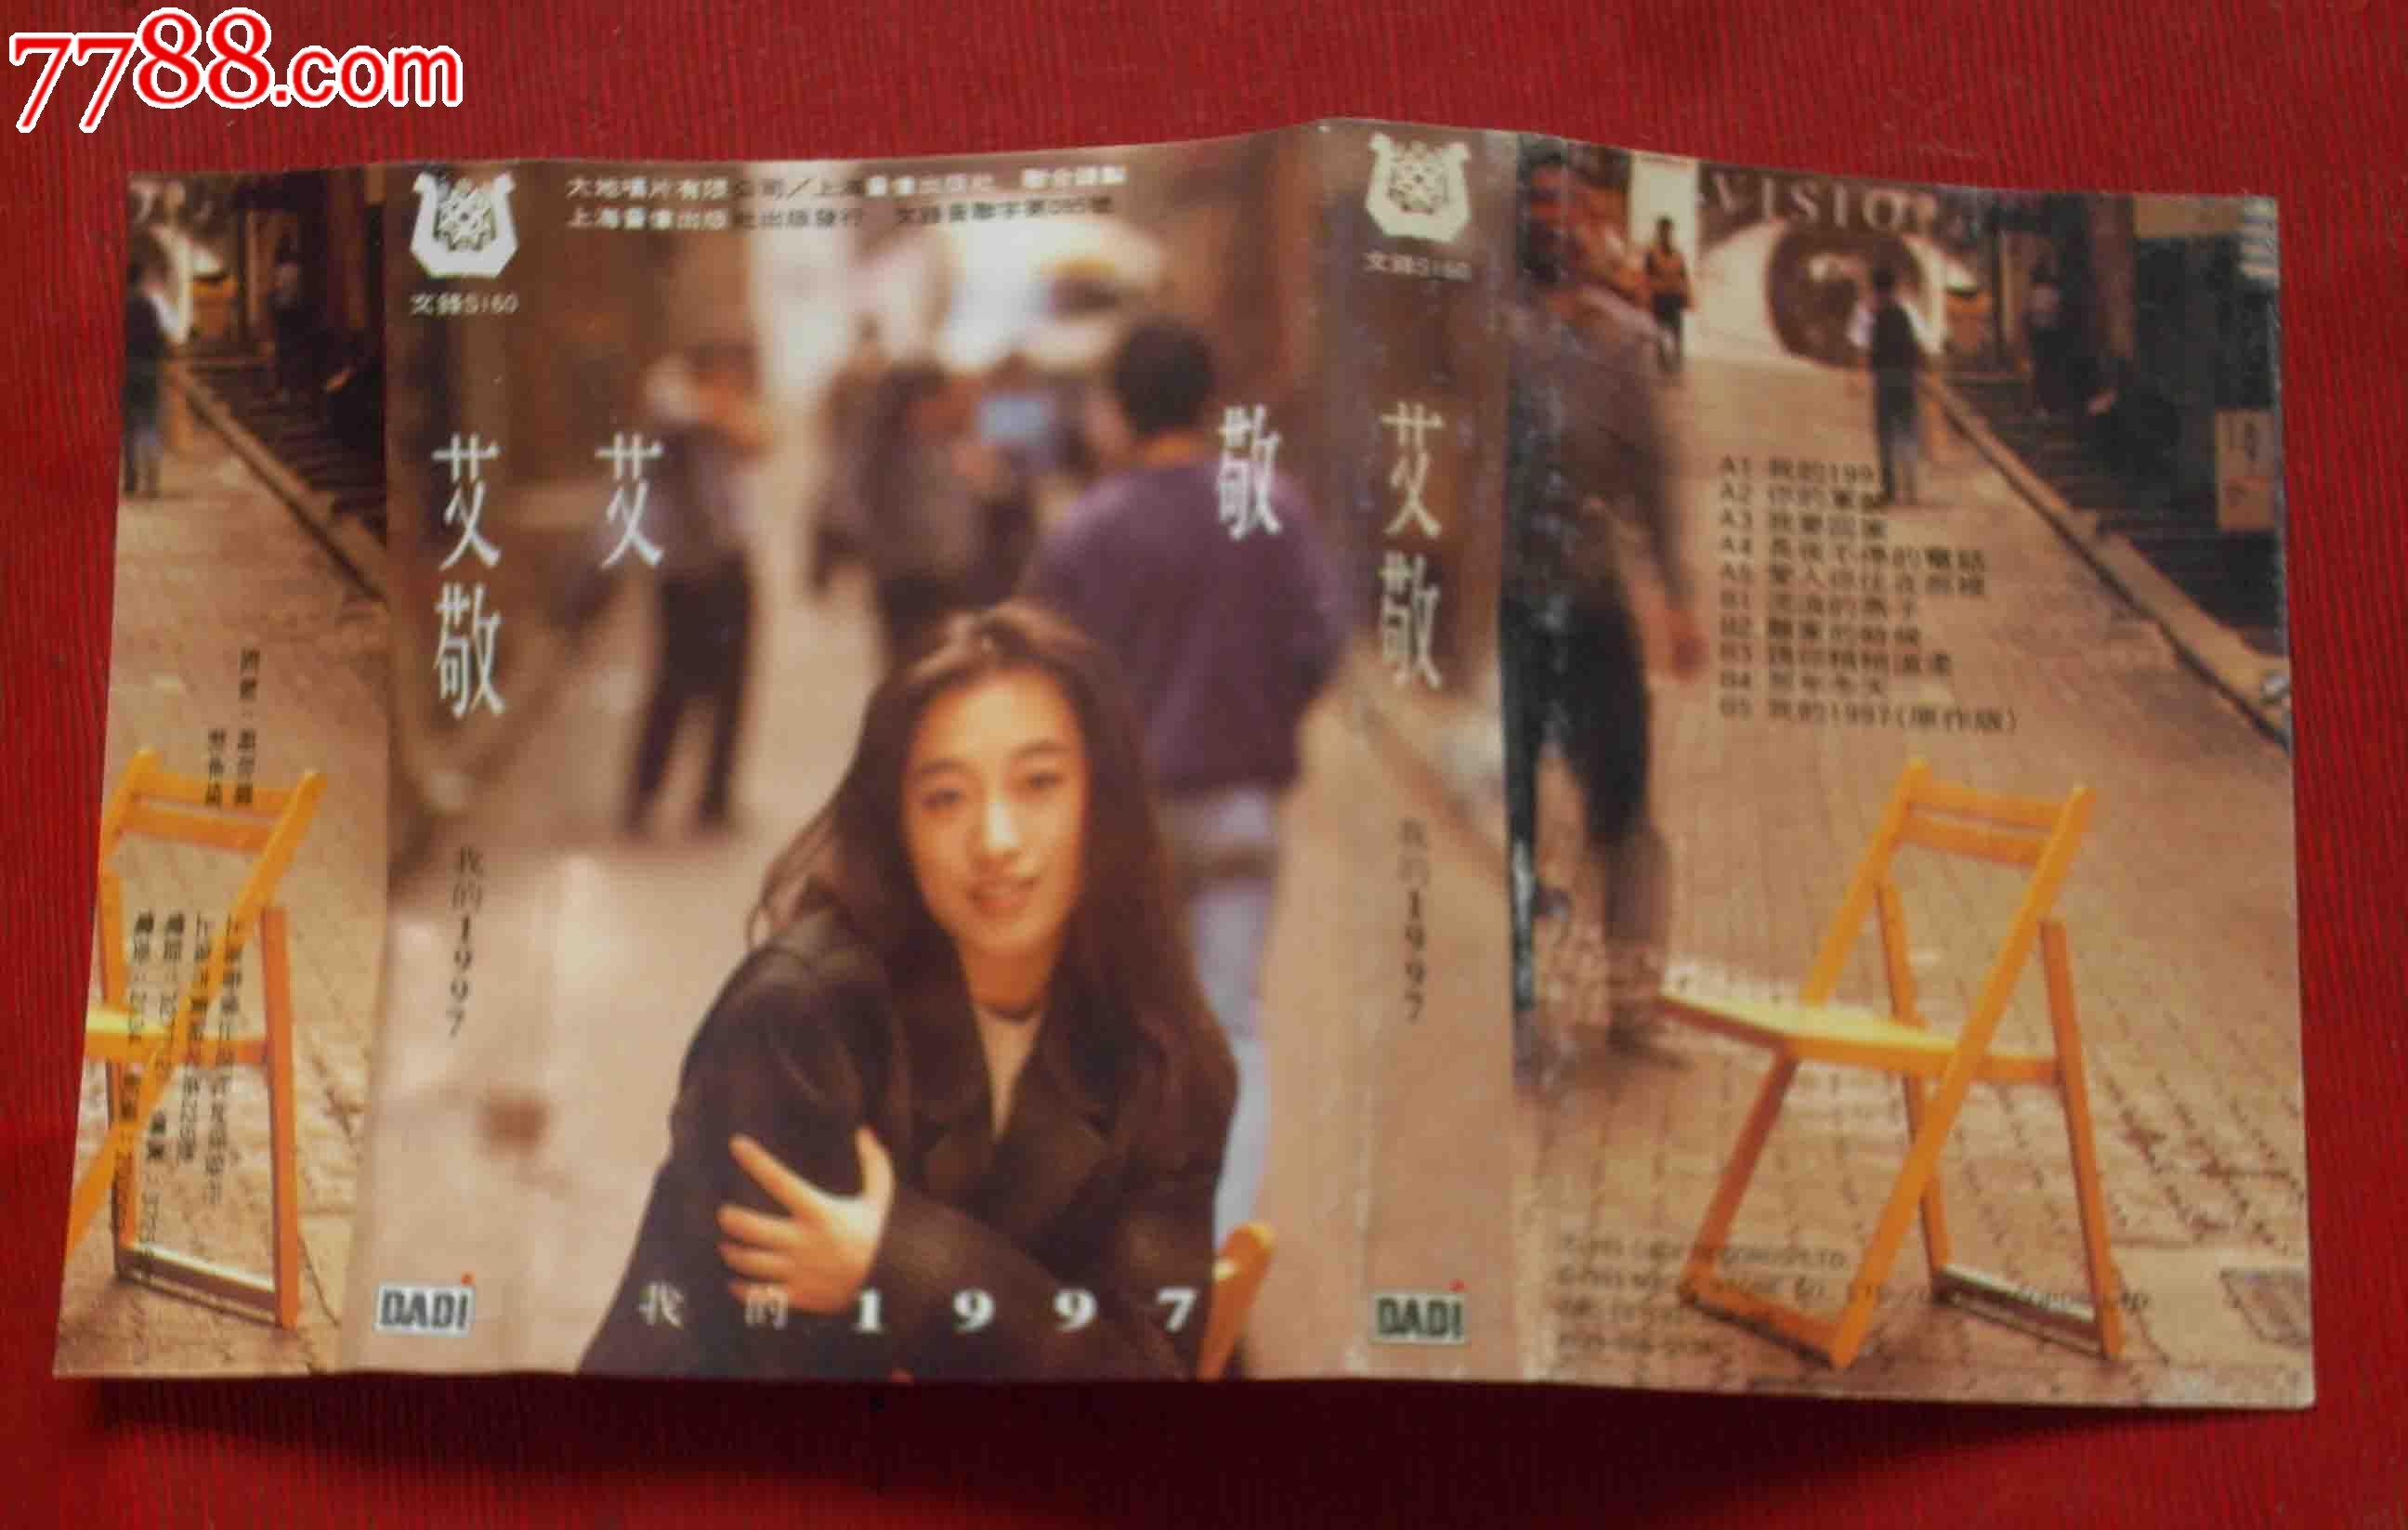 艾敬《我的1997》-------(10个以上免快递!),磁带\/卡带,音乐卡带,标准型卡带,年代不详,京剧\/戏曲,其他方言,原包装,se25091003,零售,七七八八磁带收藏